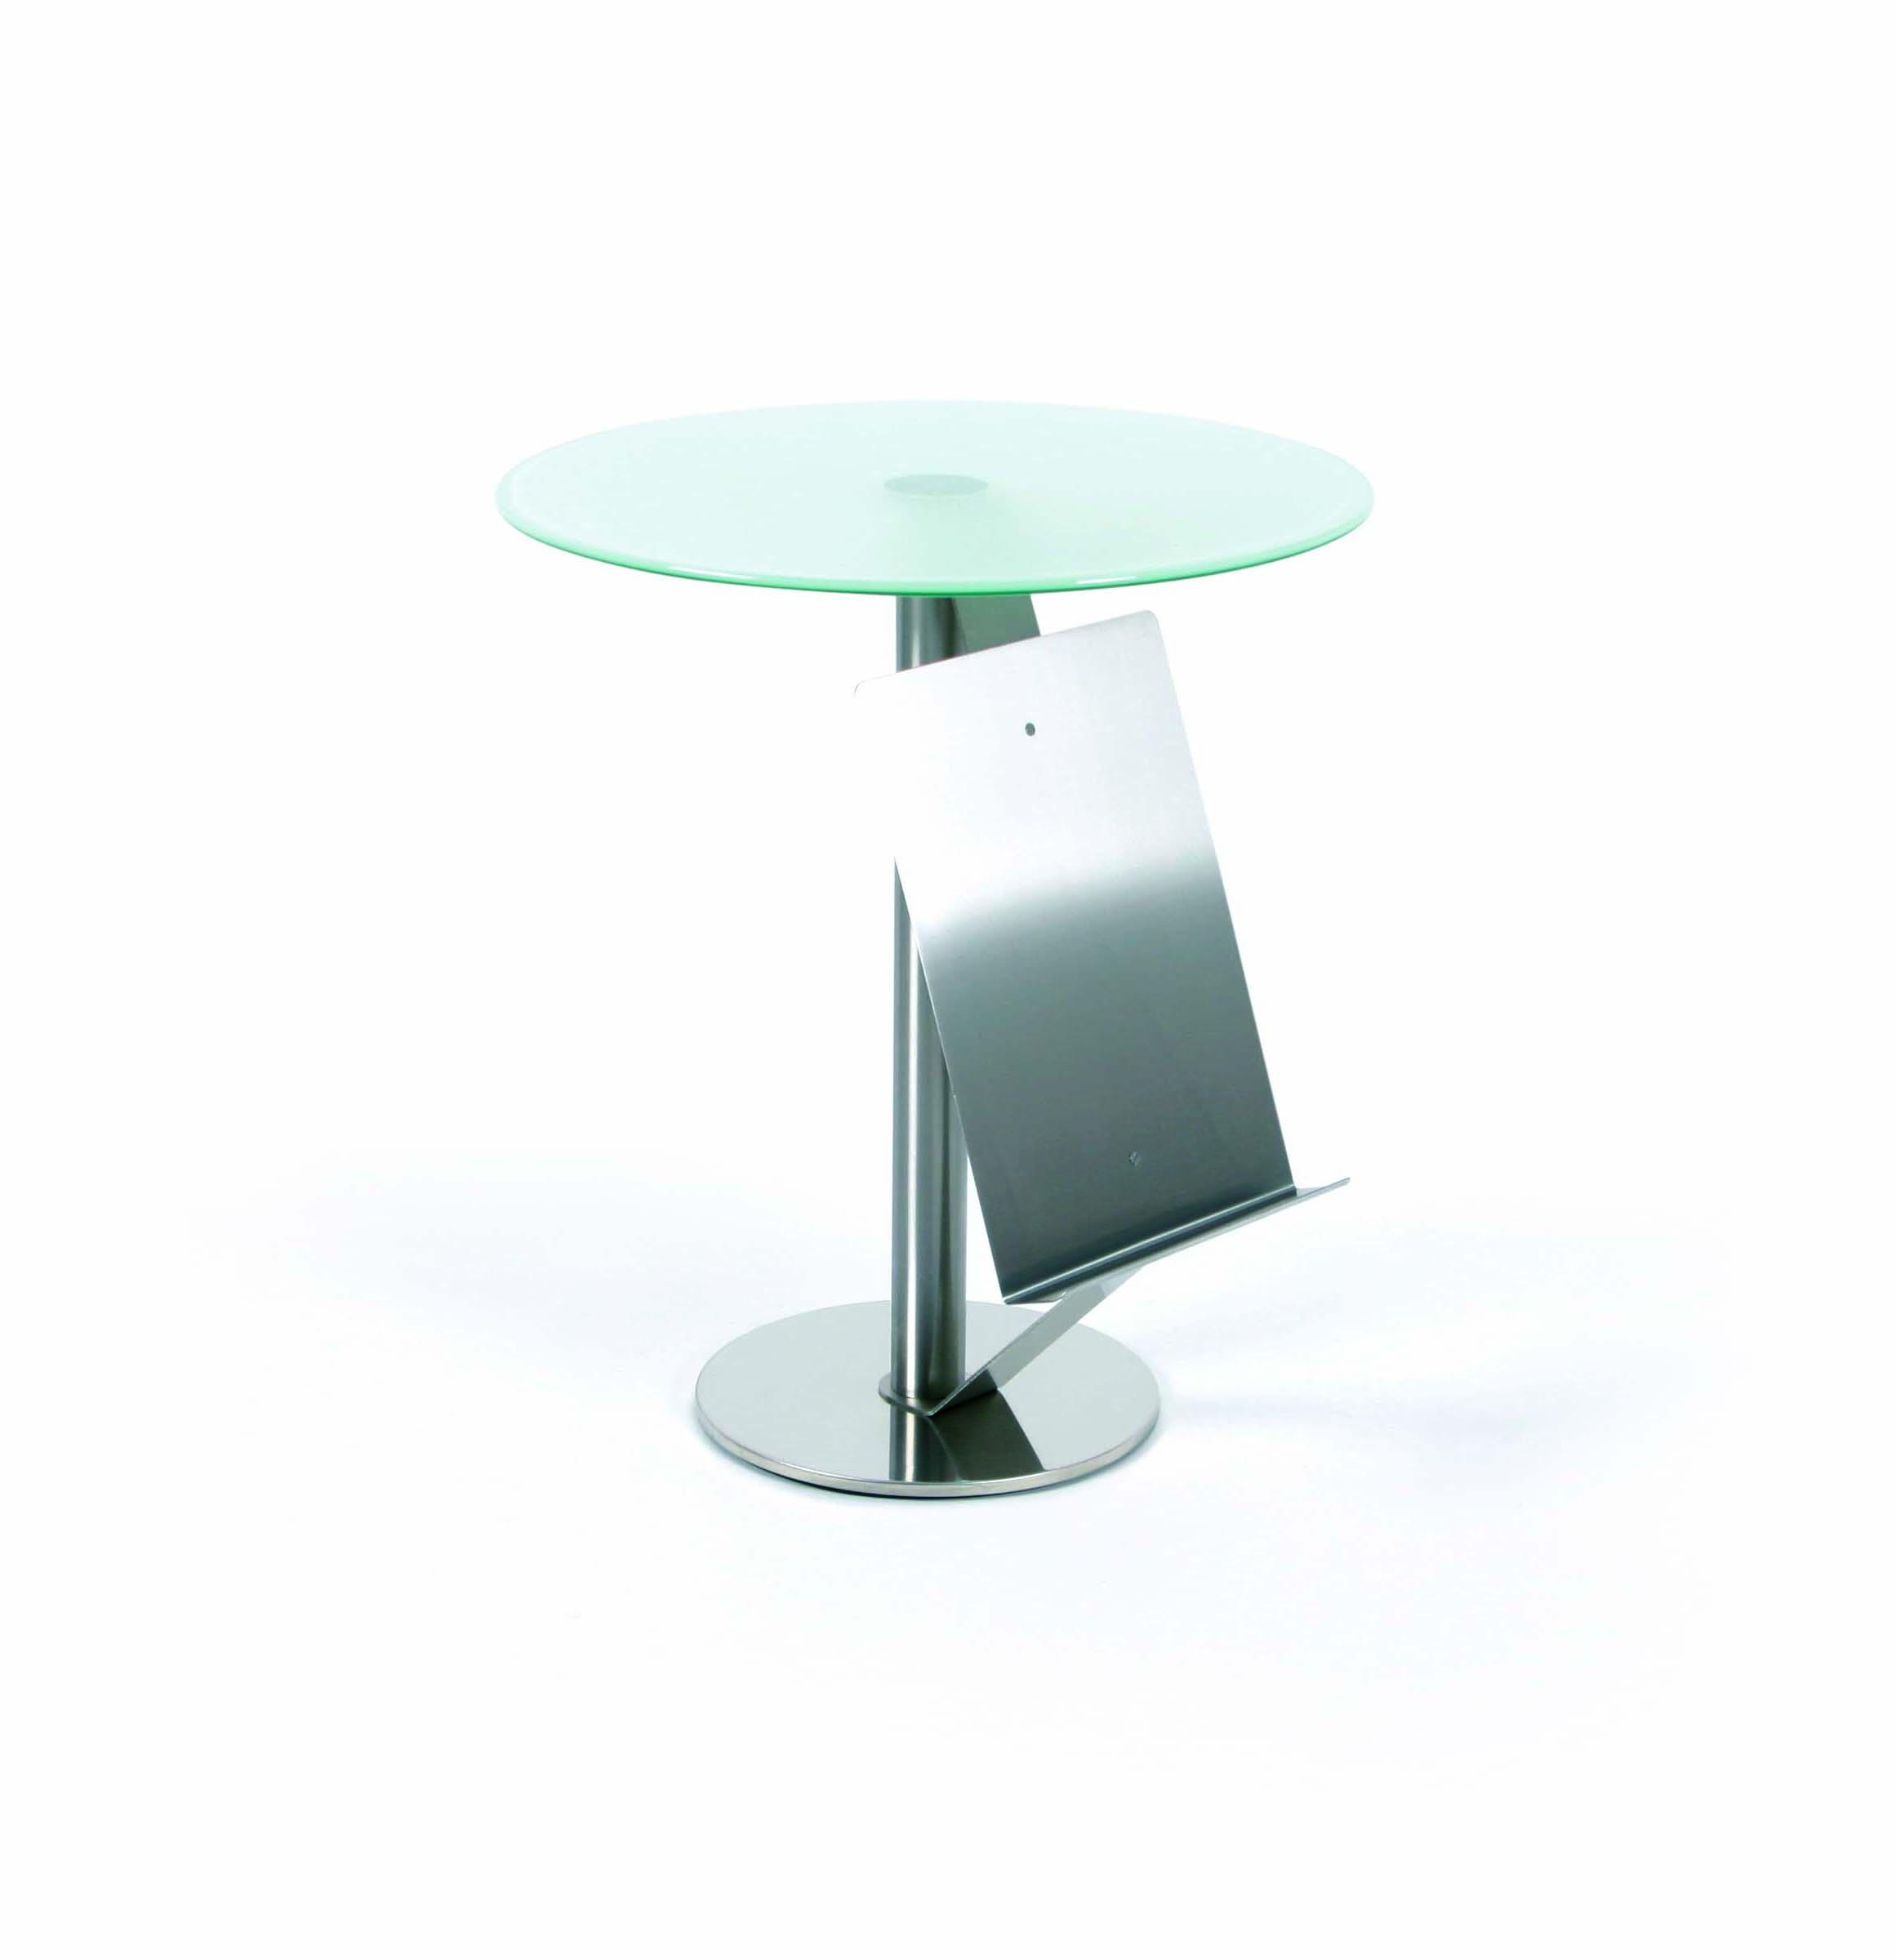 glastisch mit zeitungsablage runder glastisch. Black Bedroom Furniture Sets. Home Design Ideas